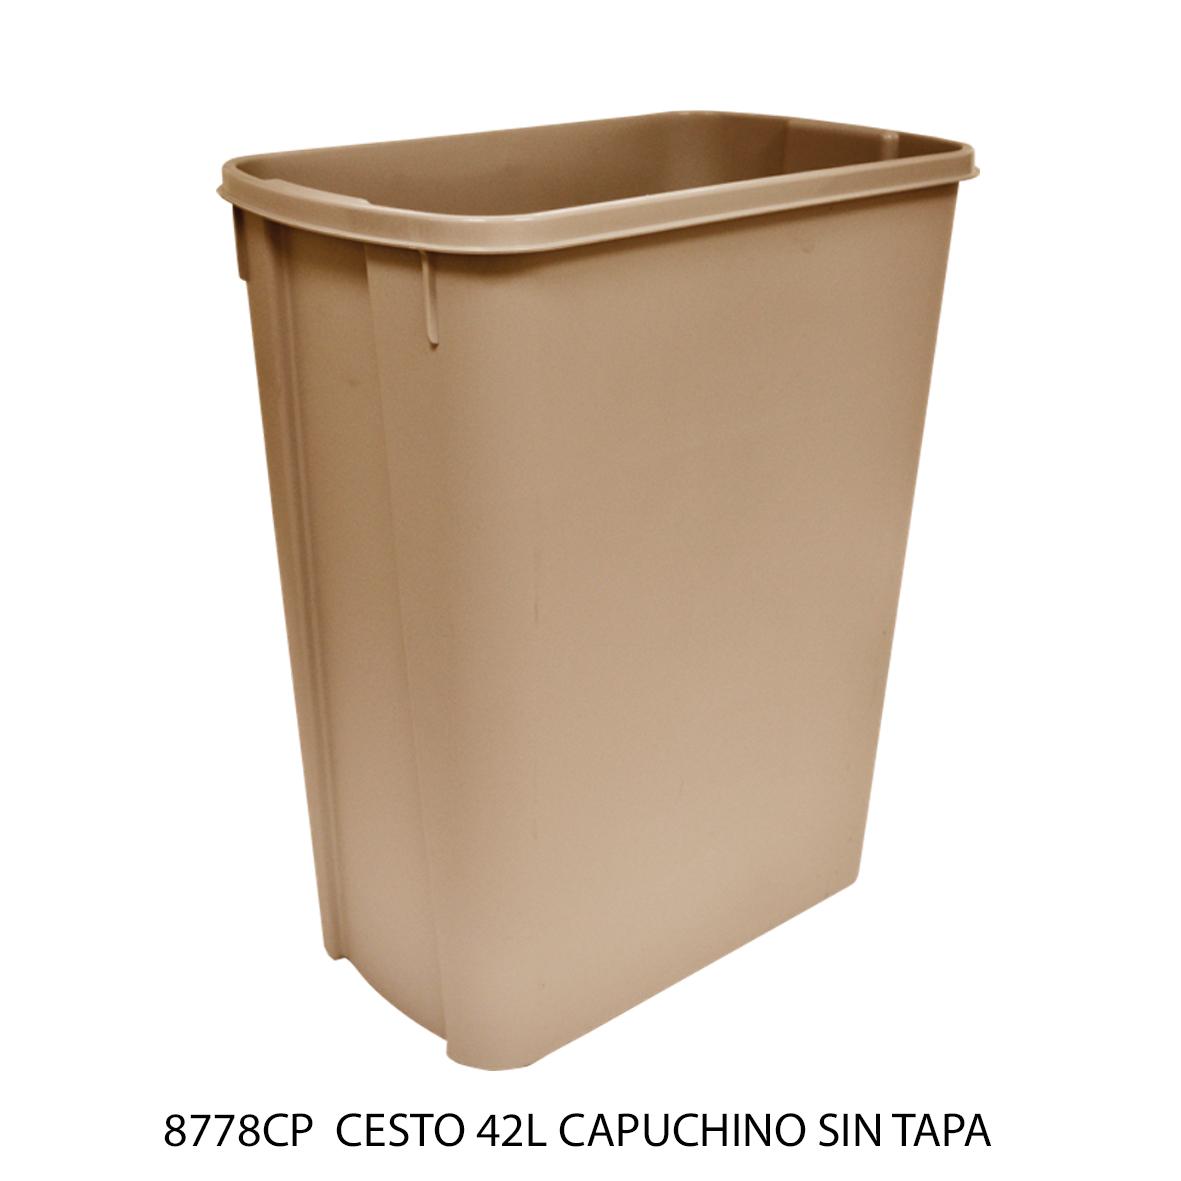 Bote de basura mediano de 42 litros sin tapa color capuchino modelo 8778CP de Sablón